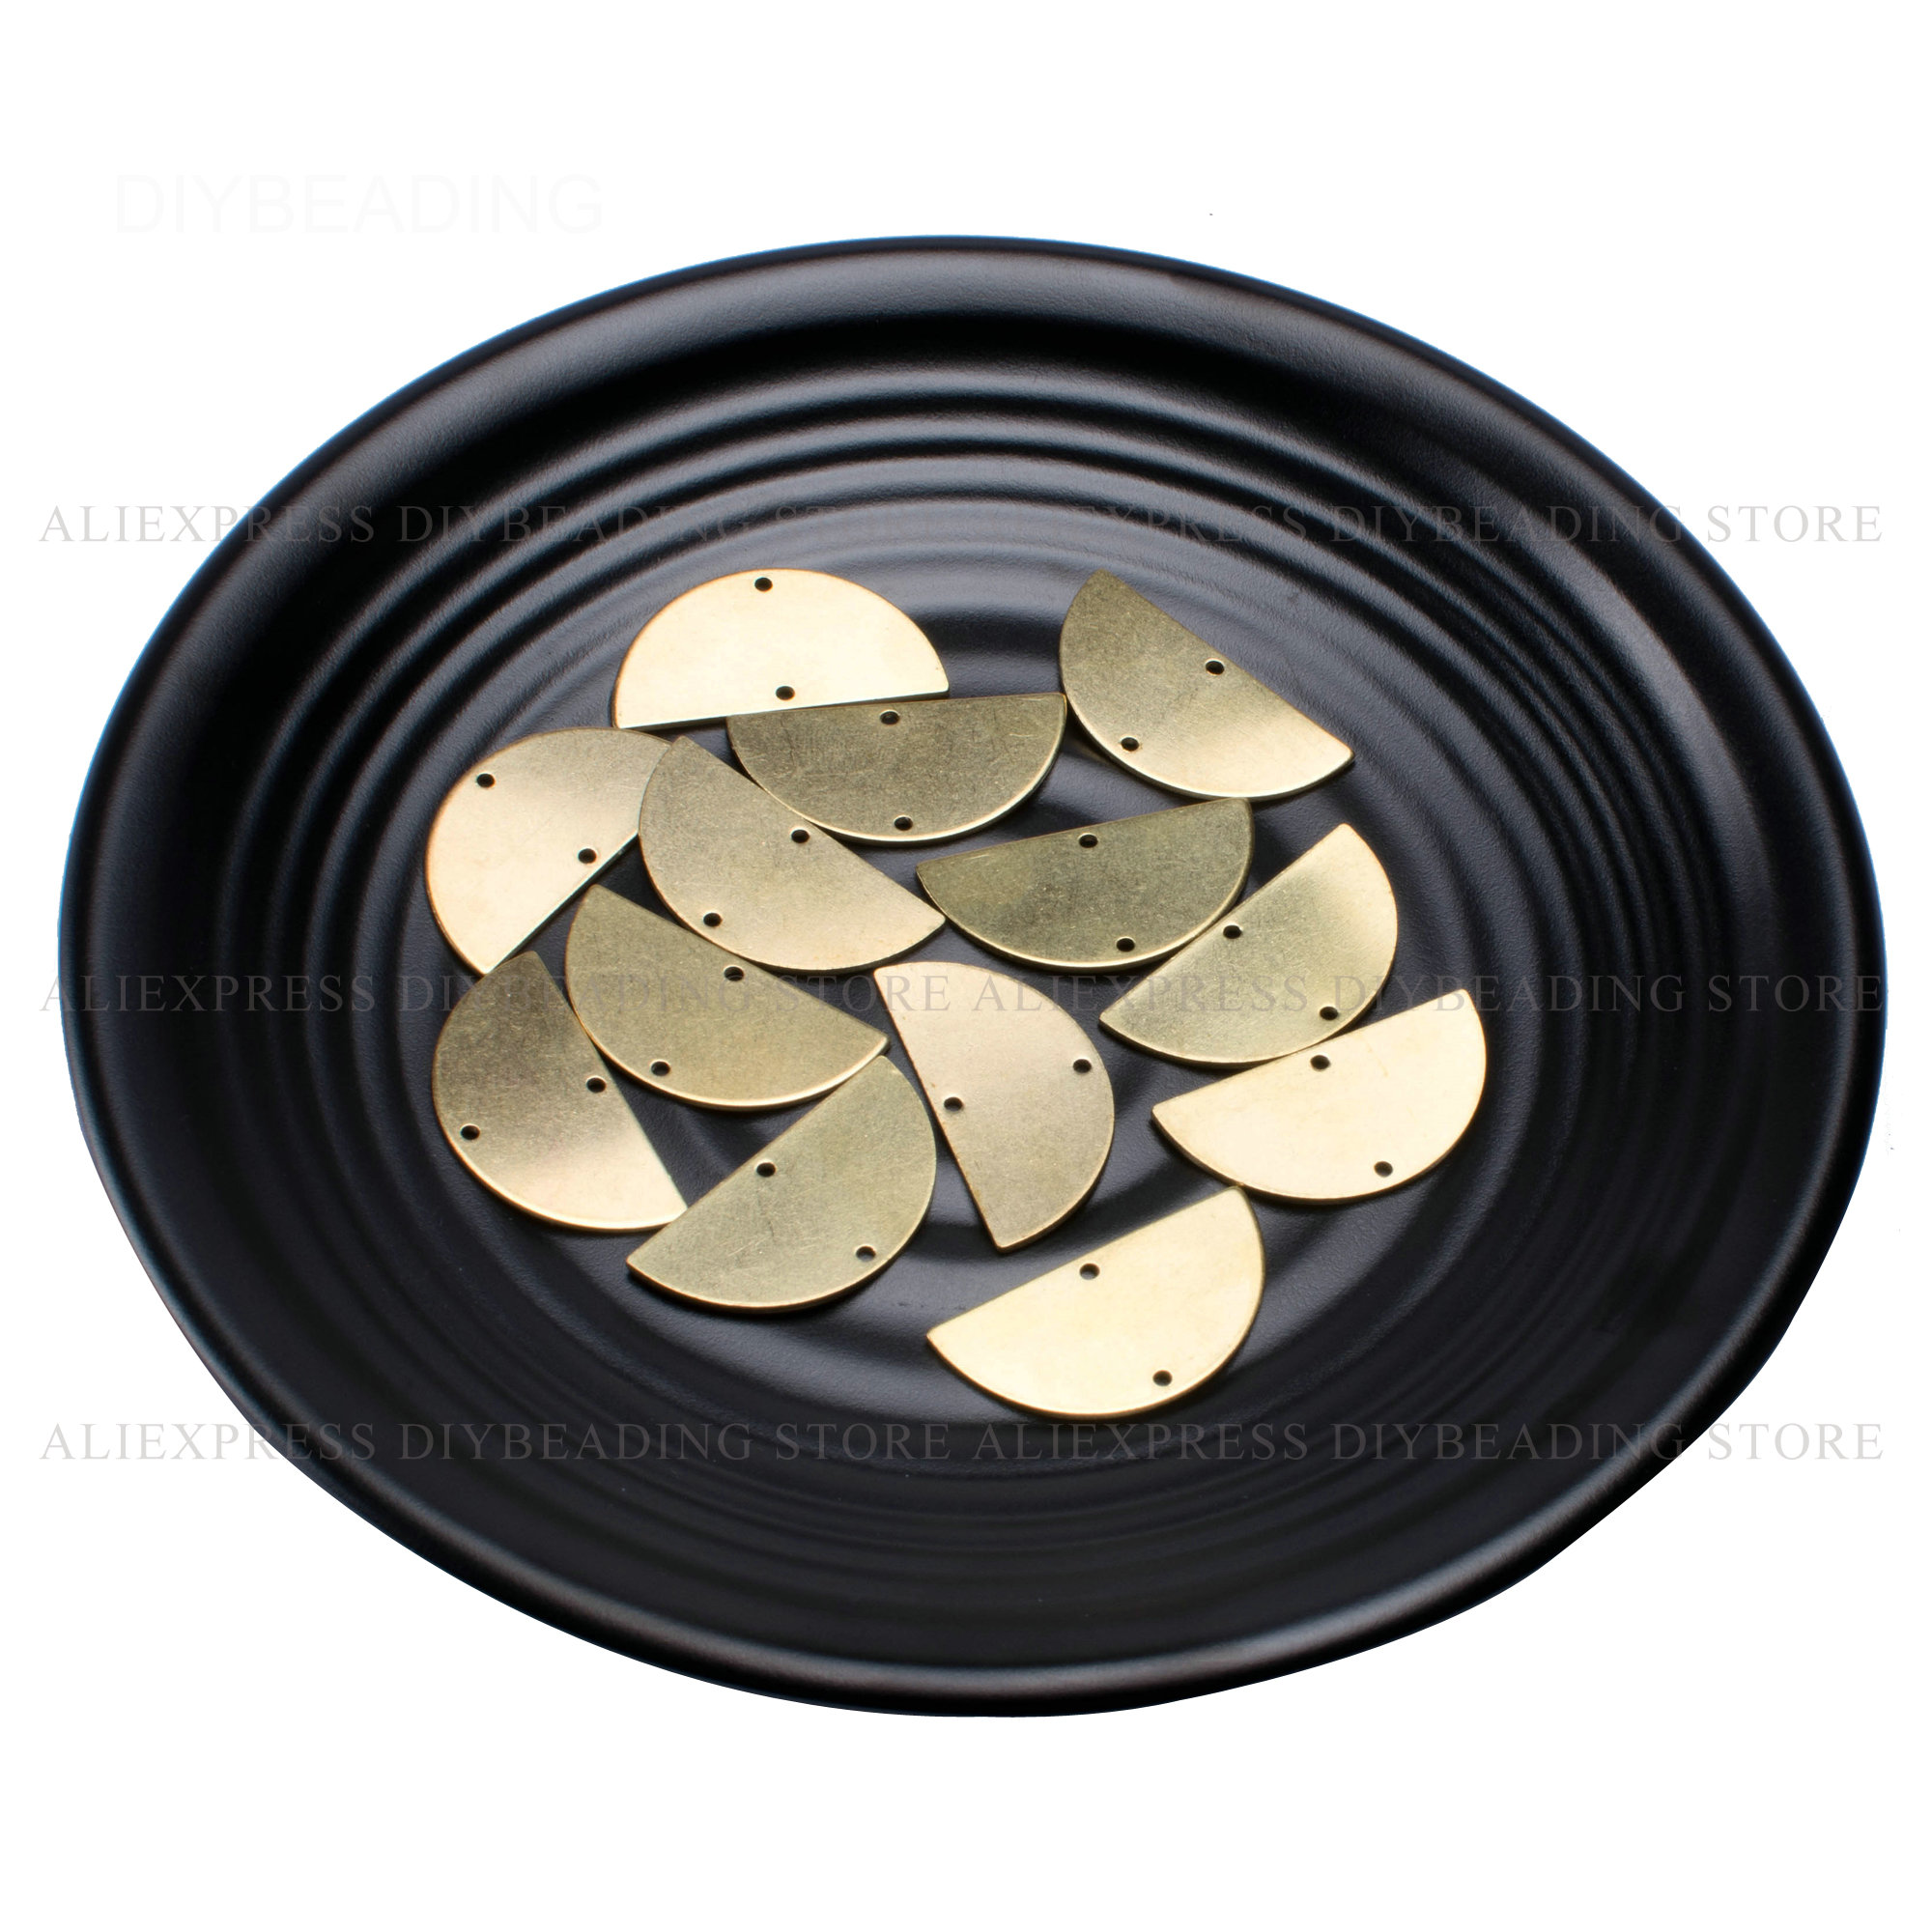 20 1000 шт Латунь половина круга очарование Поиск Оптовая гладкая простая гравировка штамповки метка полукруг металлический компонент (2 отверстия) Ювелирная фурнитура и компоненты      АлиЭкспресс